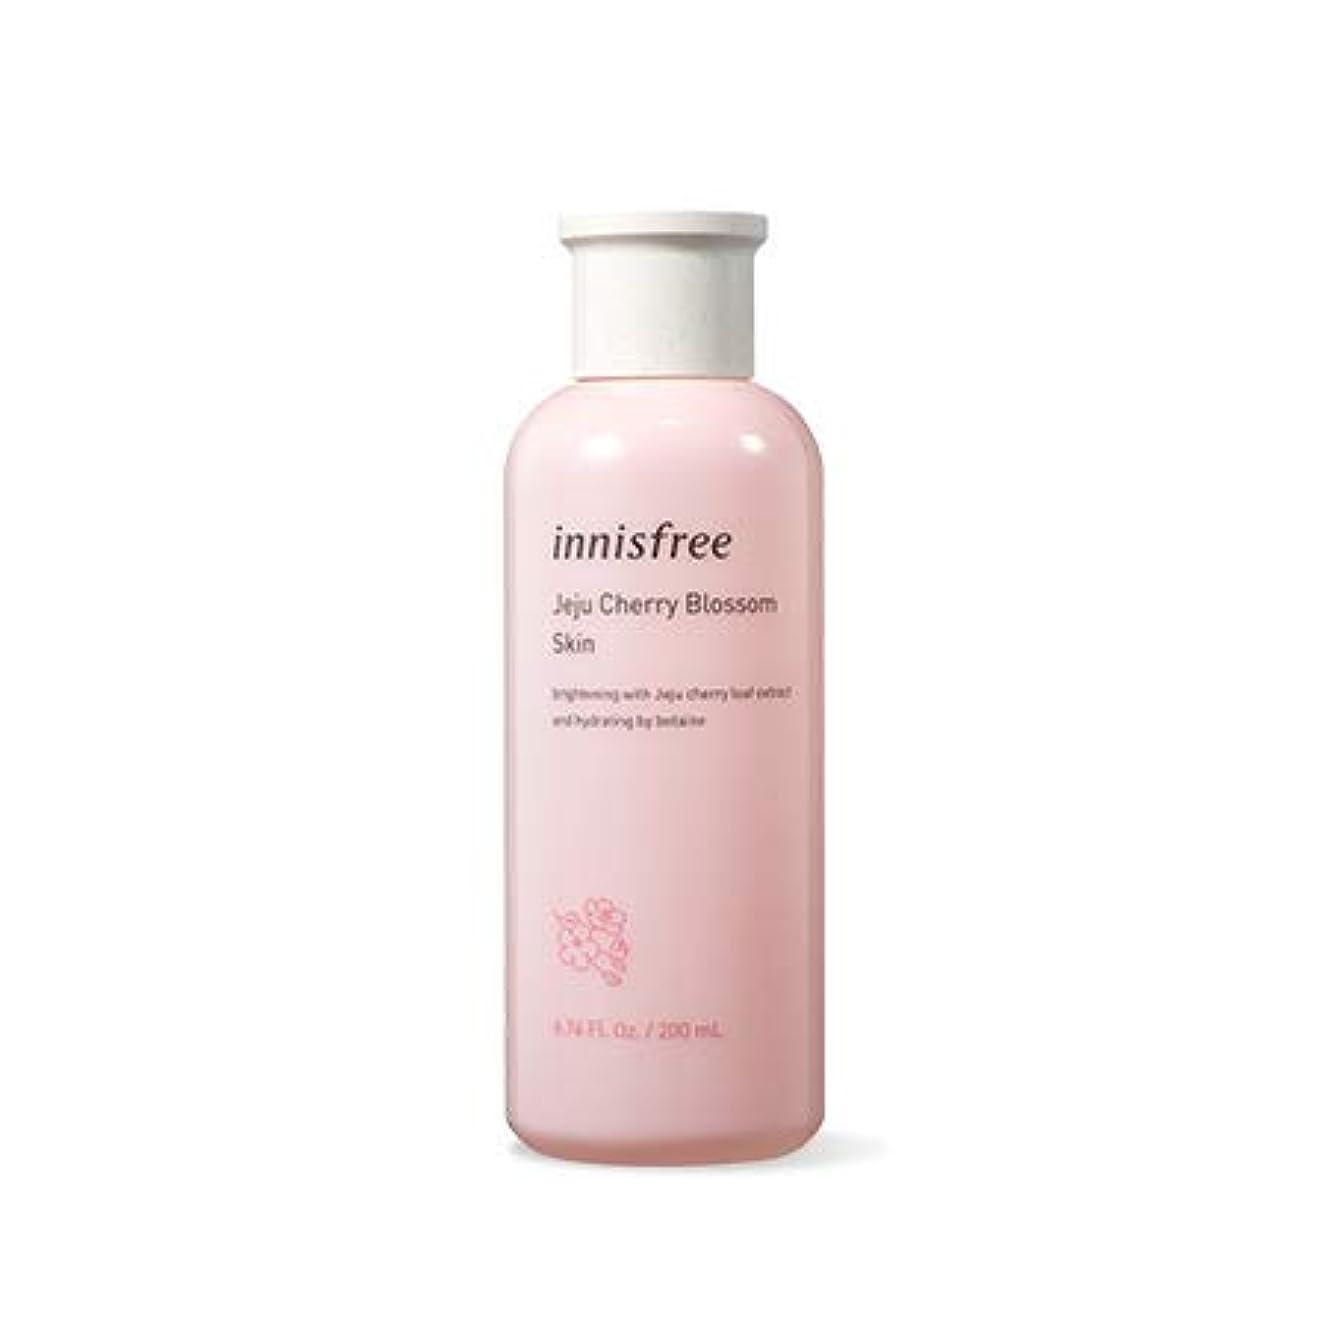 イニスフリー 済州 チェリー ブラッサム スキン 200ml / Innisfree Jeju Cherry Blossom Skin 200ml [並行輸入品]